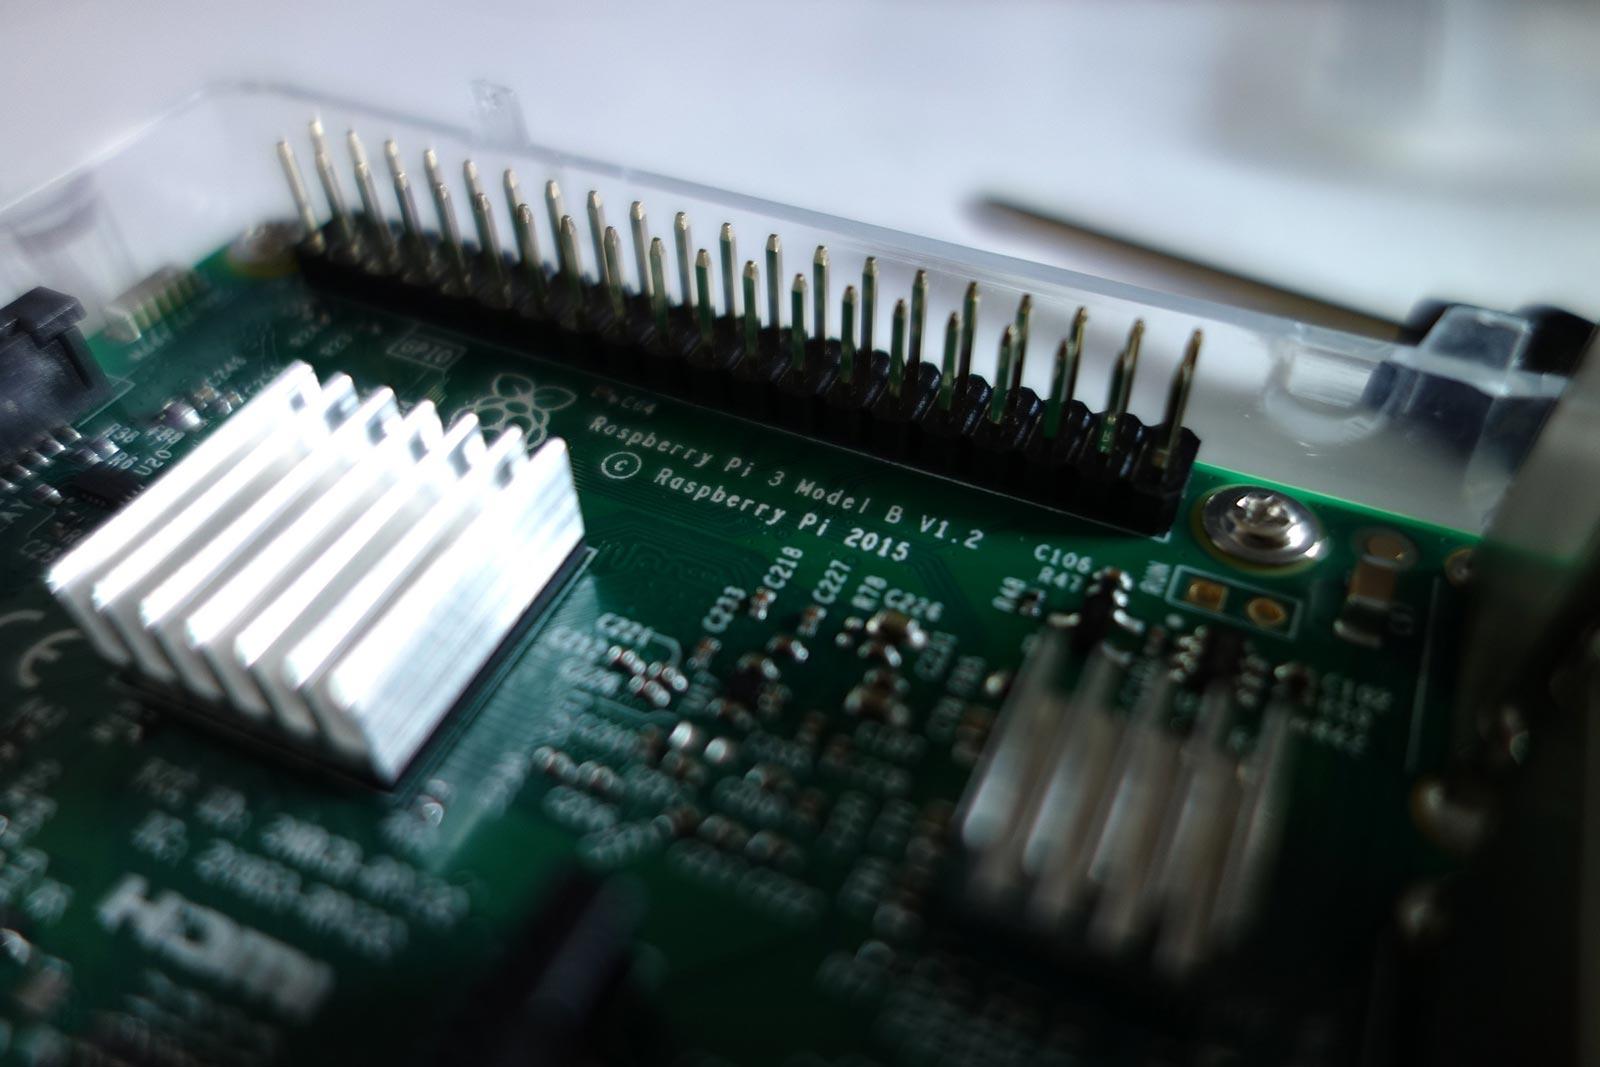 Il Raspberry Pi - Foto copertina guida in italiano.